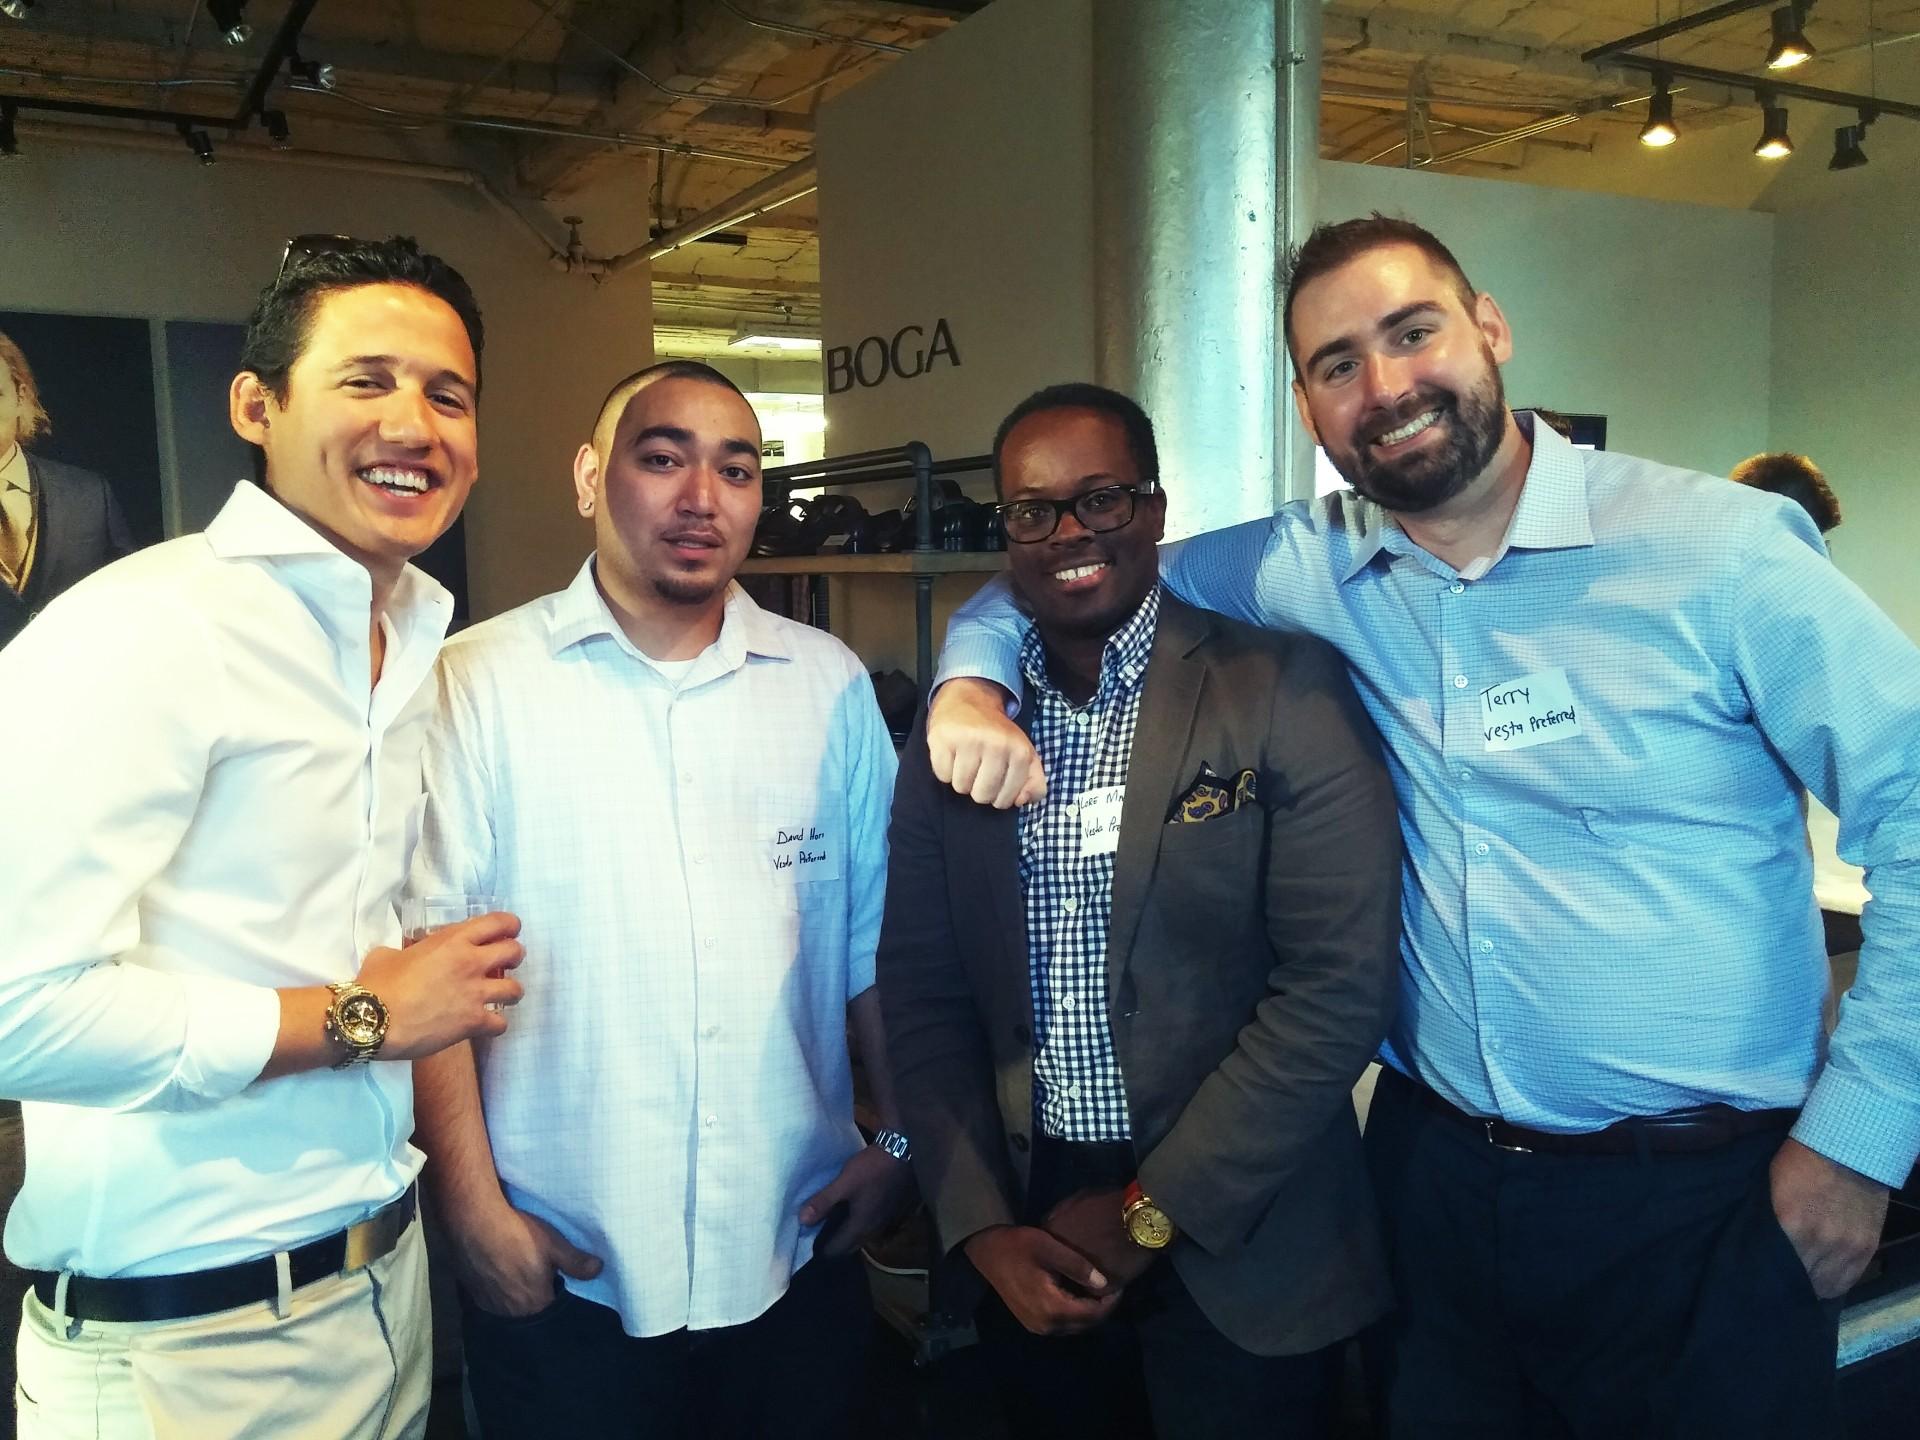 Real Estate Professionals at BOGA's event. Photo: Amanda Elliott